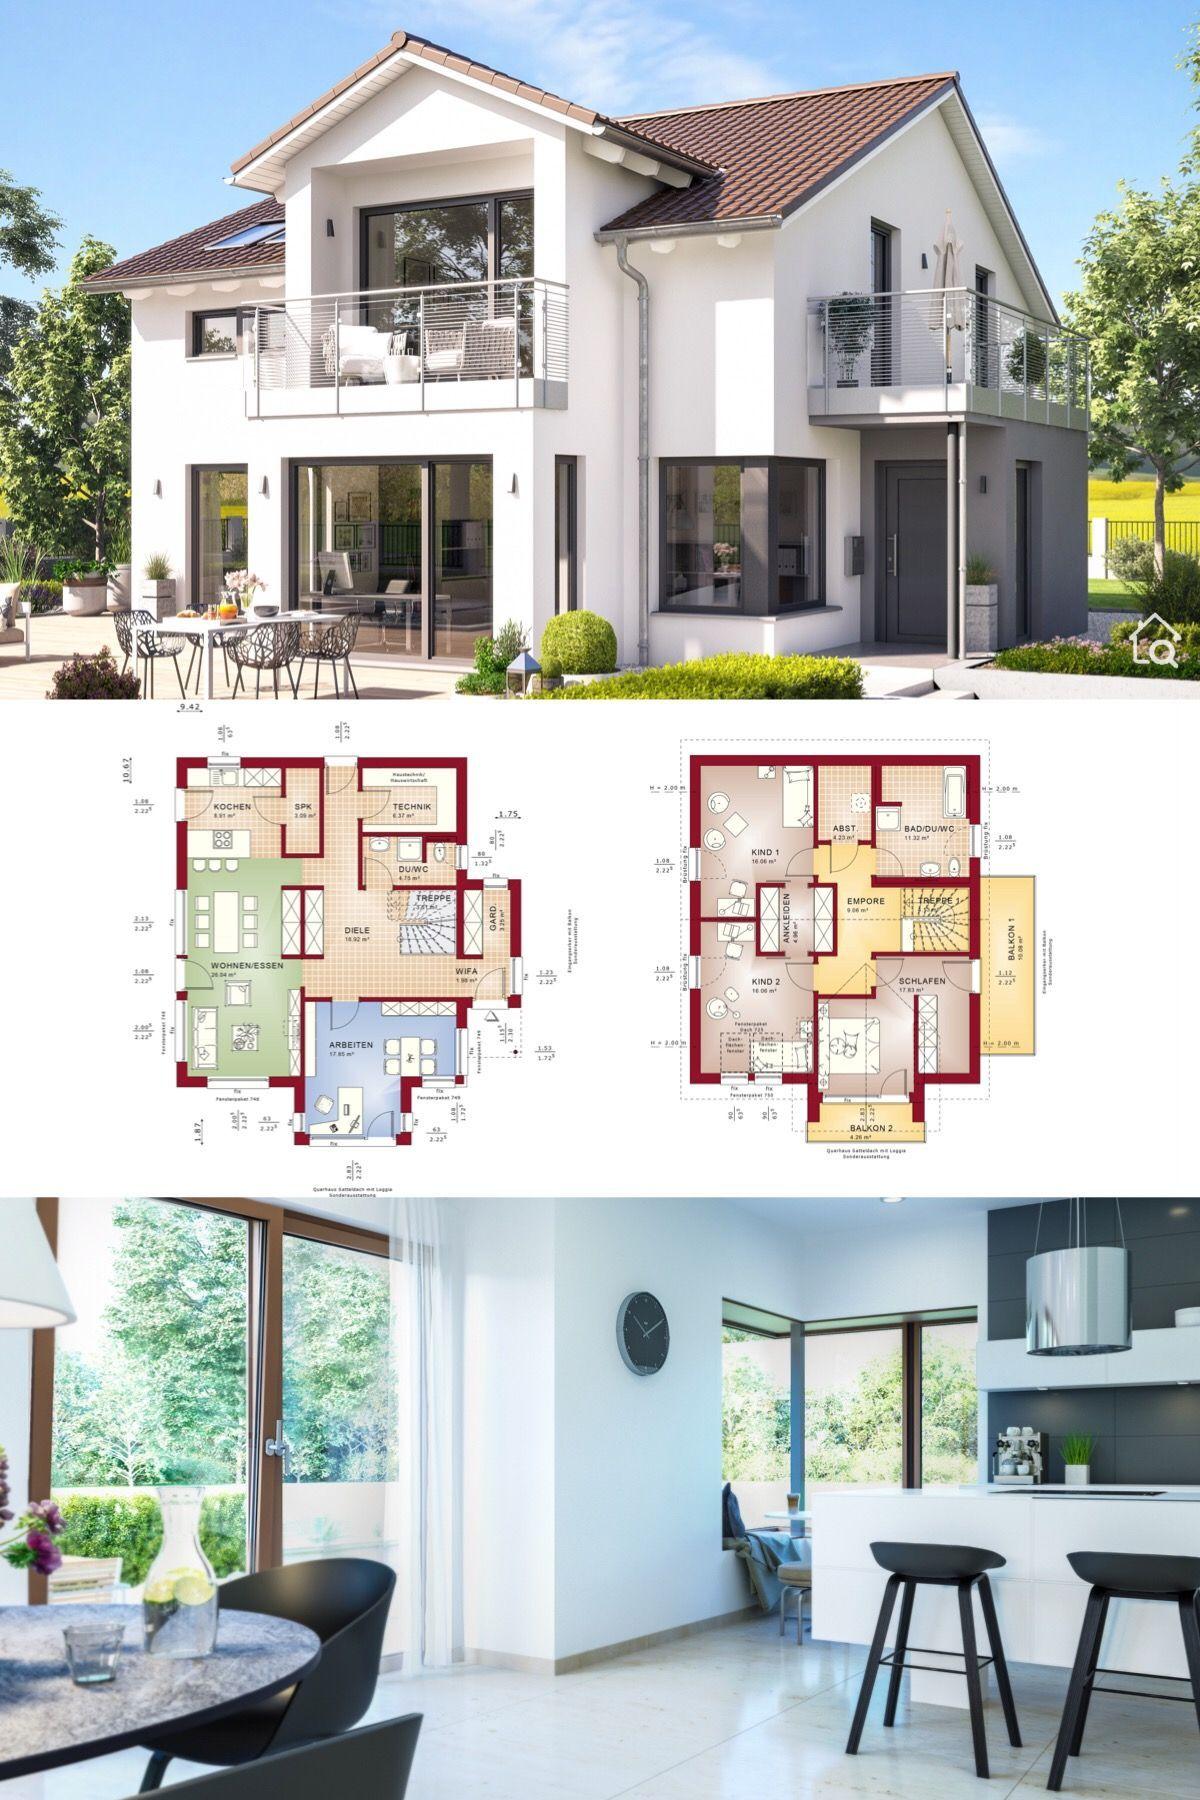 Modernes Haus Design mit Satteldach & 5 Zimmer Grundriss